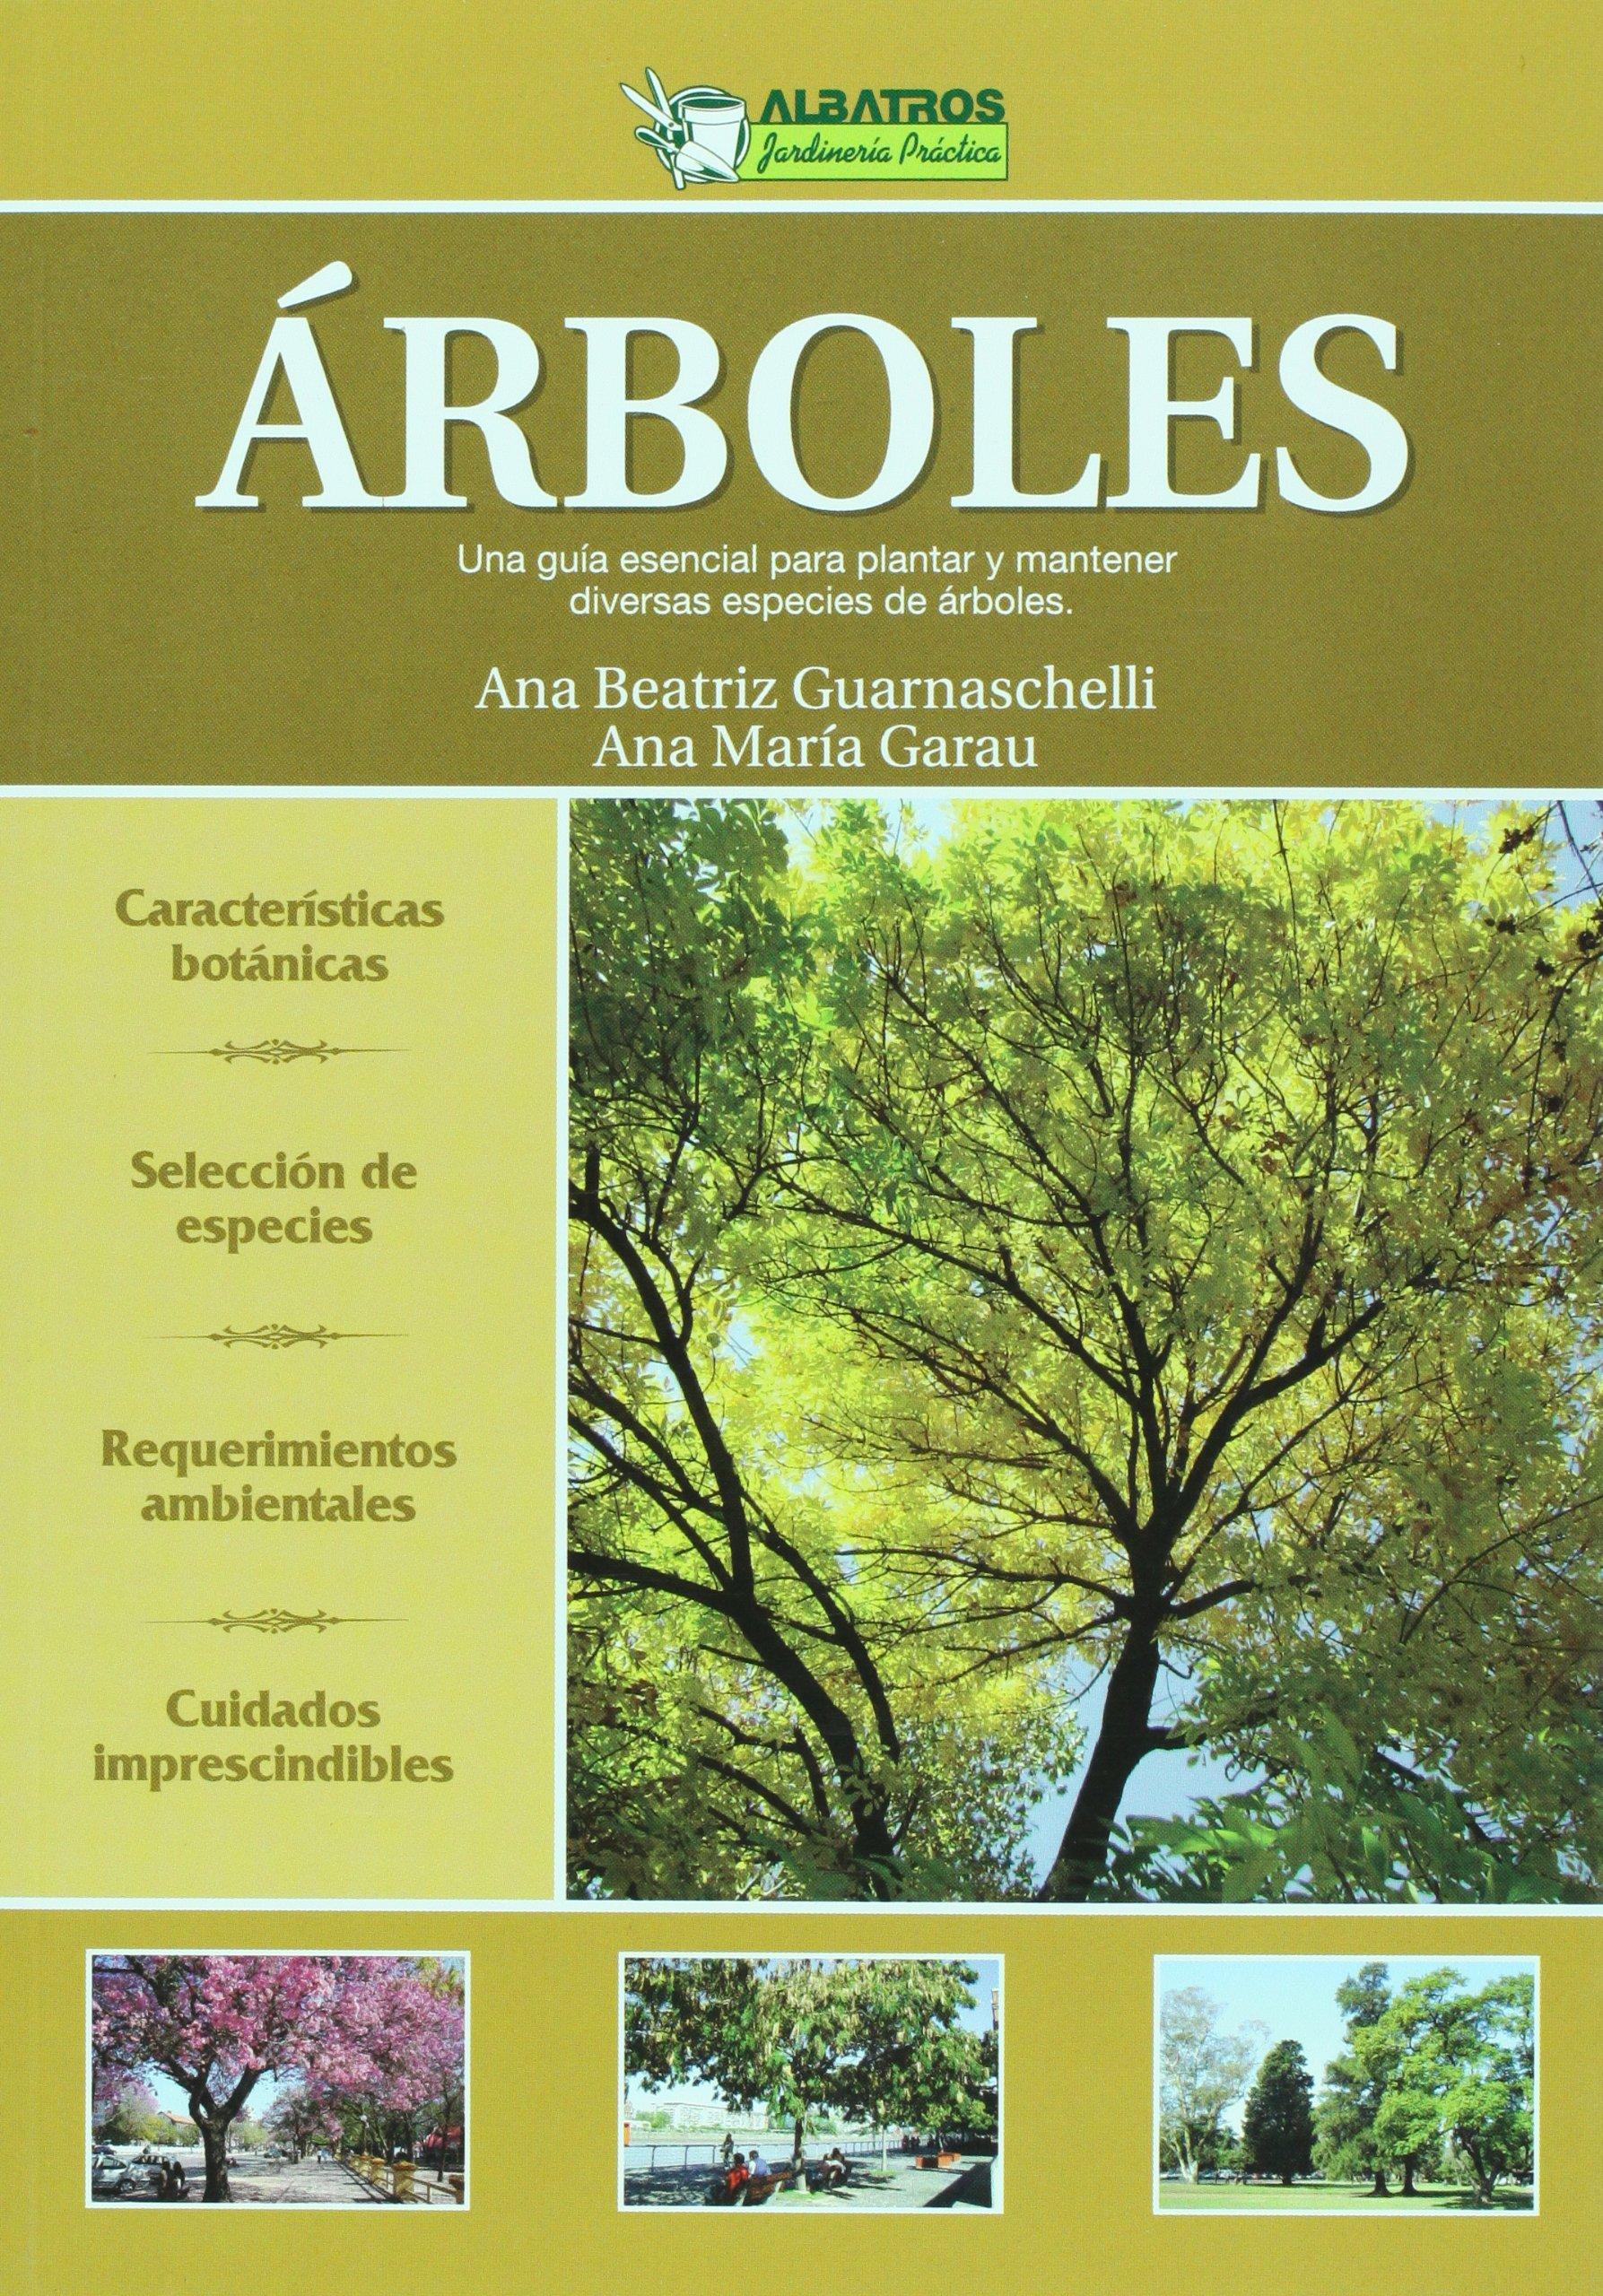 Arboles. Una guia esencial para plantar y mantener diversas especies de arboles (Jardineria practica / Practical Gardening) (Spanish Edition) (Spanish) ...